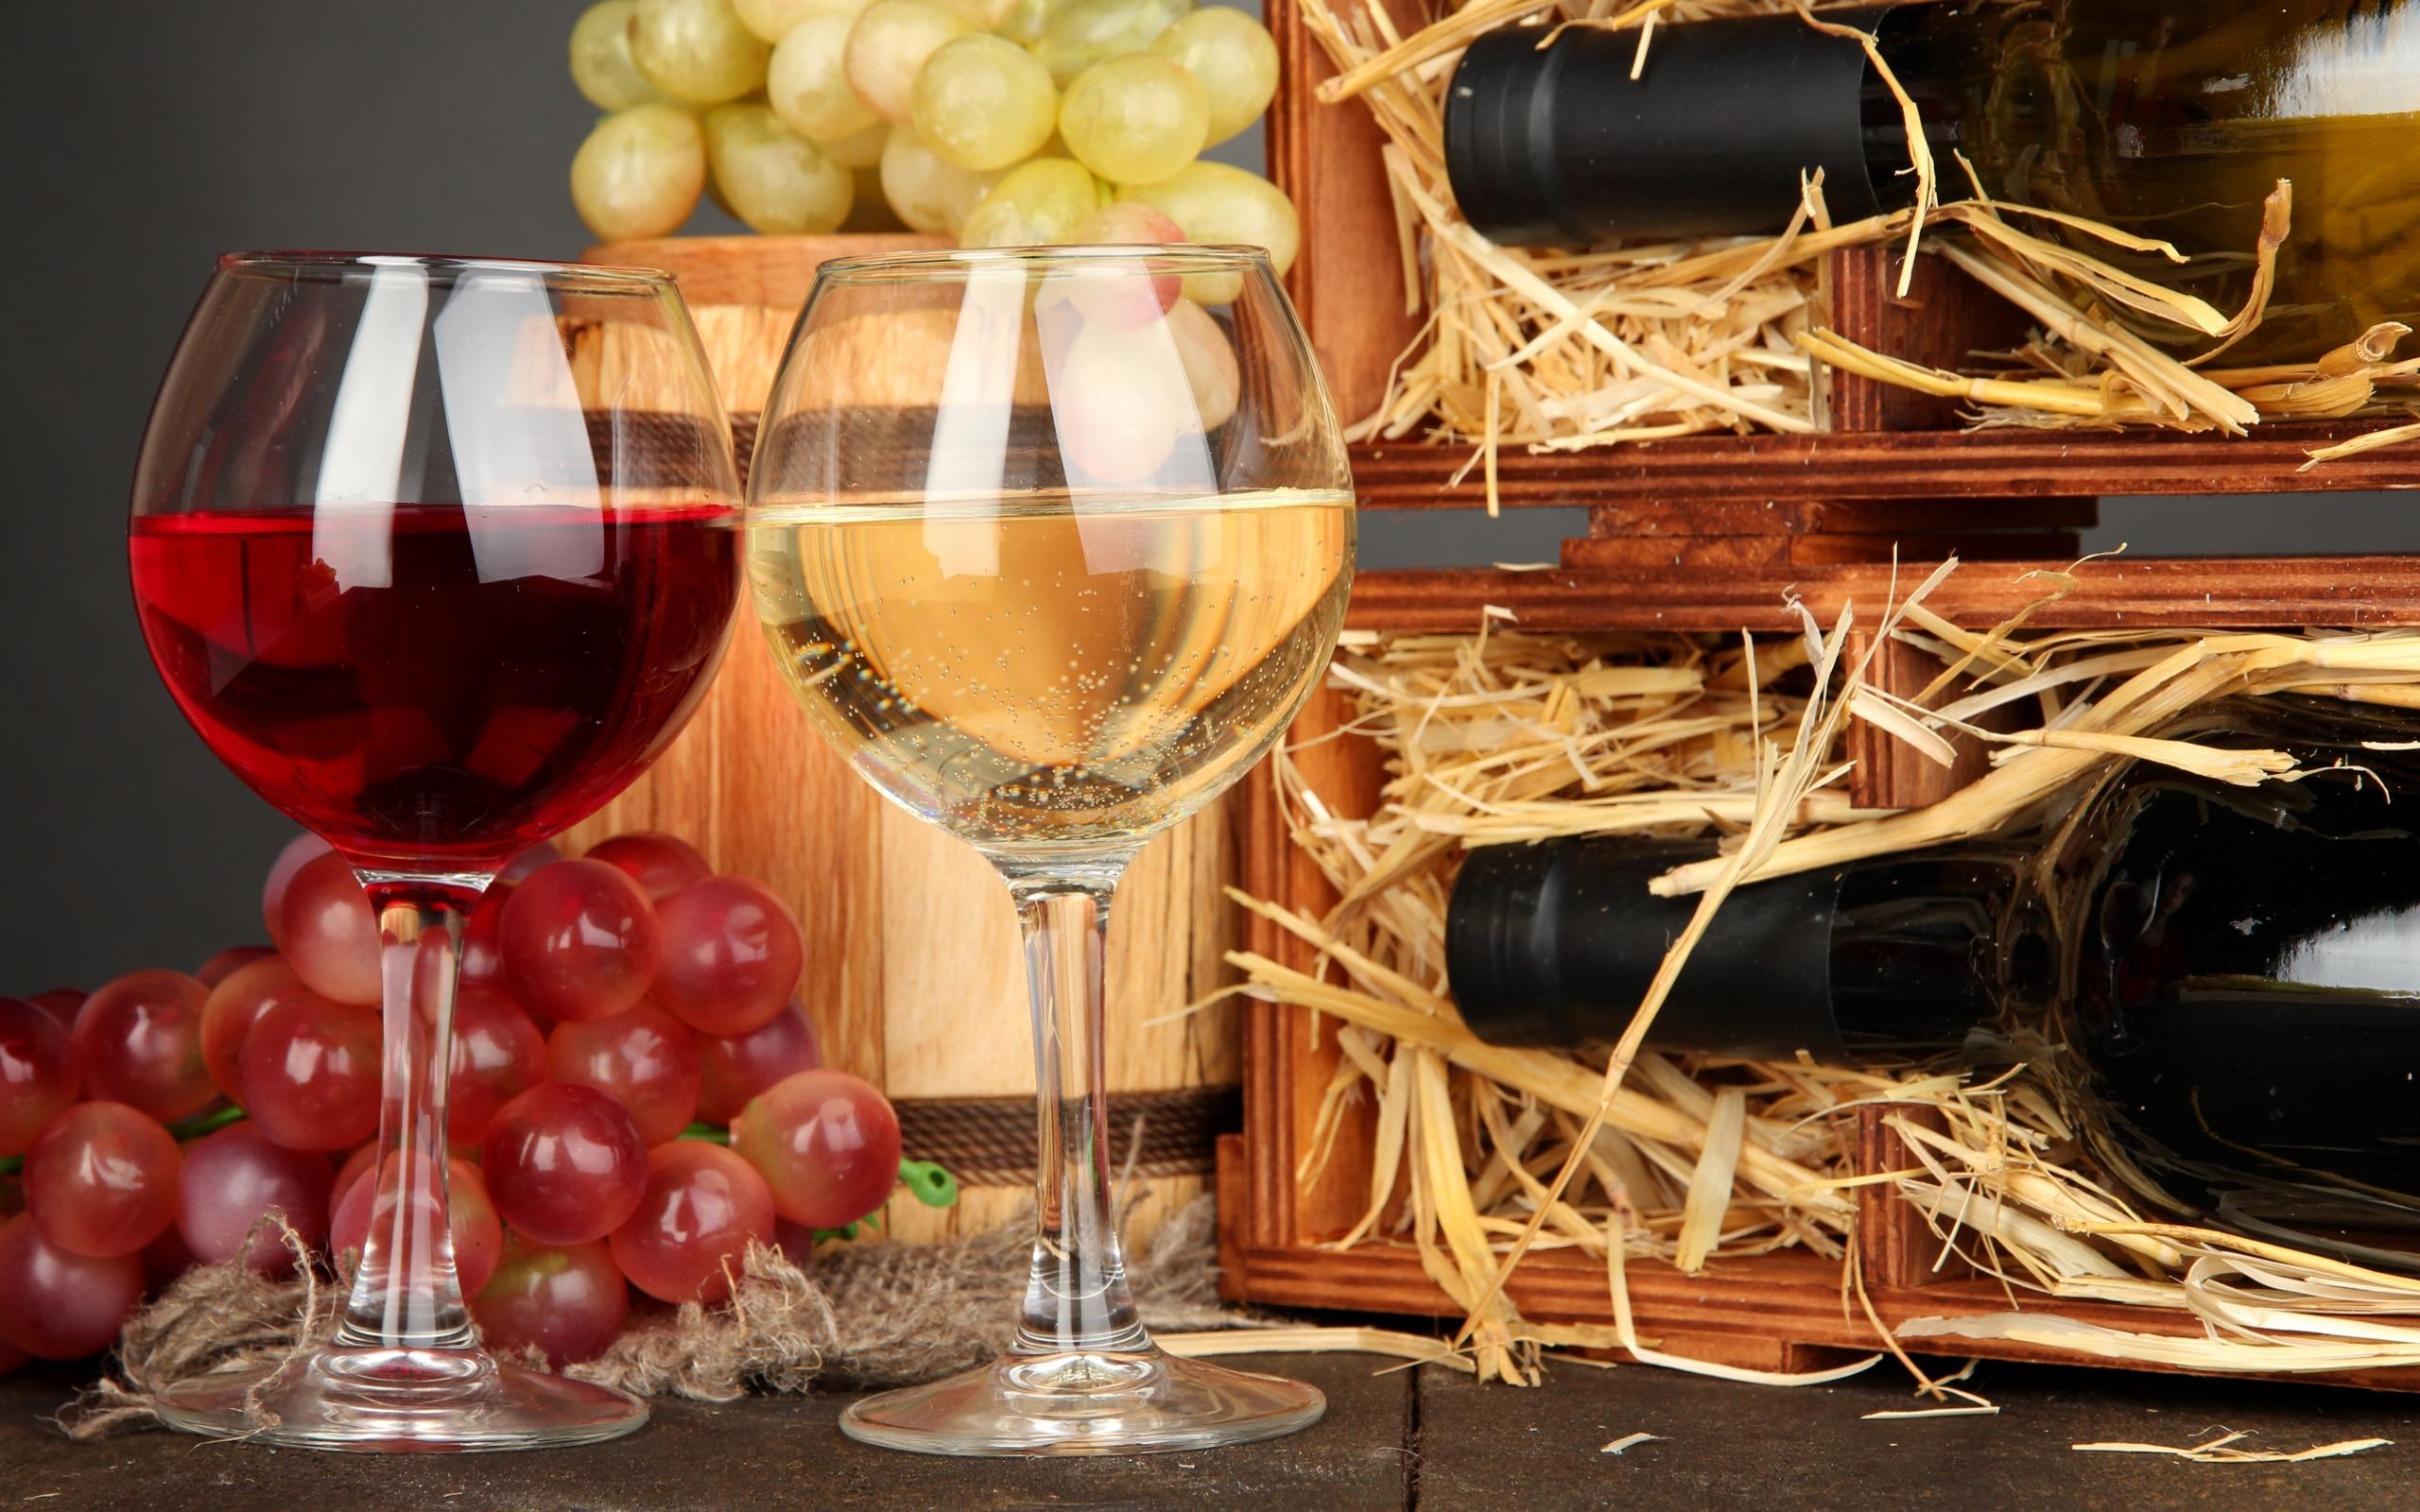 Открытки днем, открытка вино и бокалы